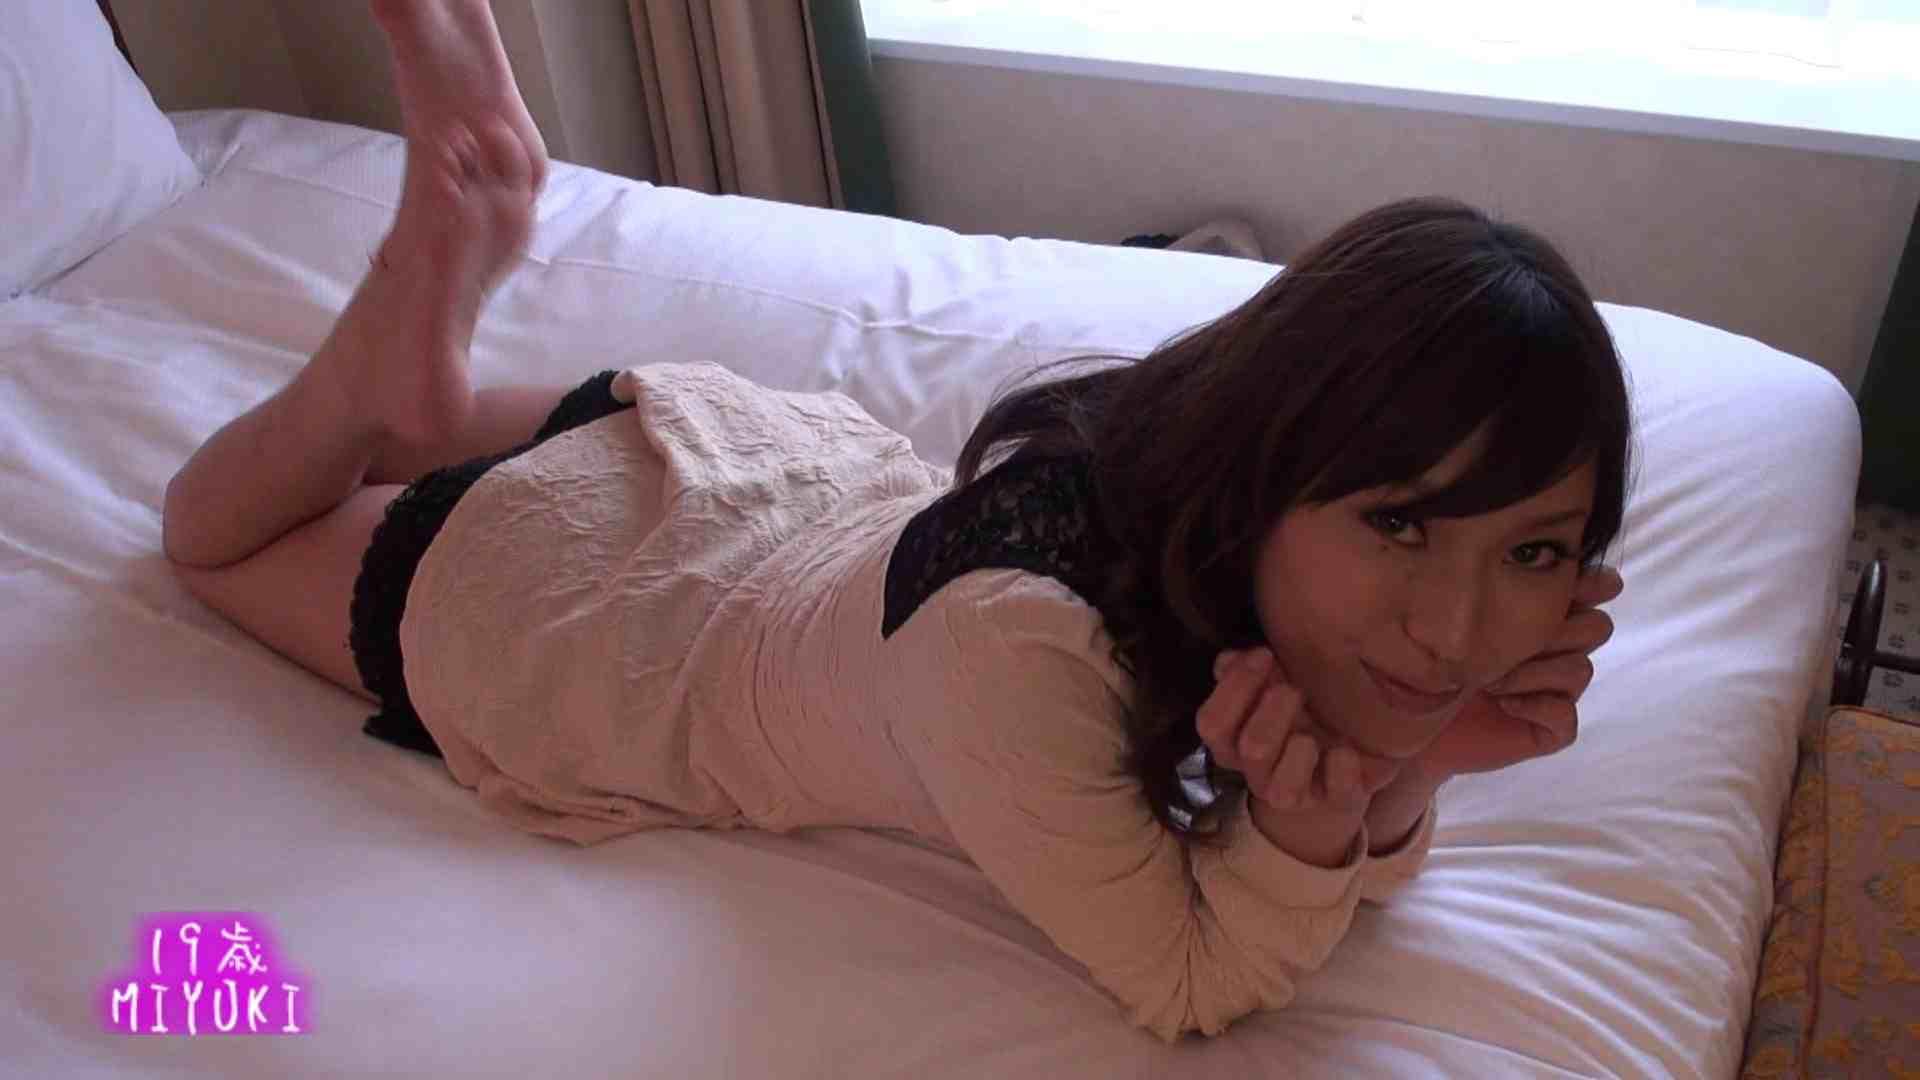 カメラテストを兼ねて、MIYUKIちゃんのイメージ撮影 素人流出 | 0  105PIX 29